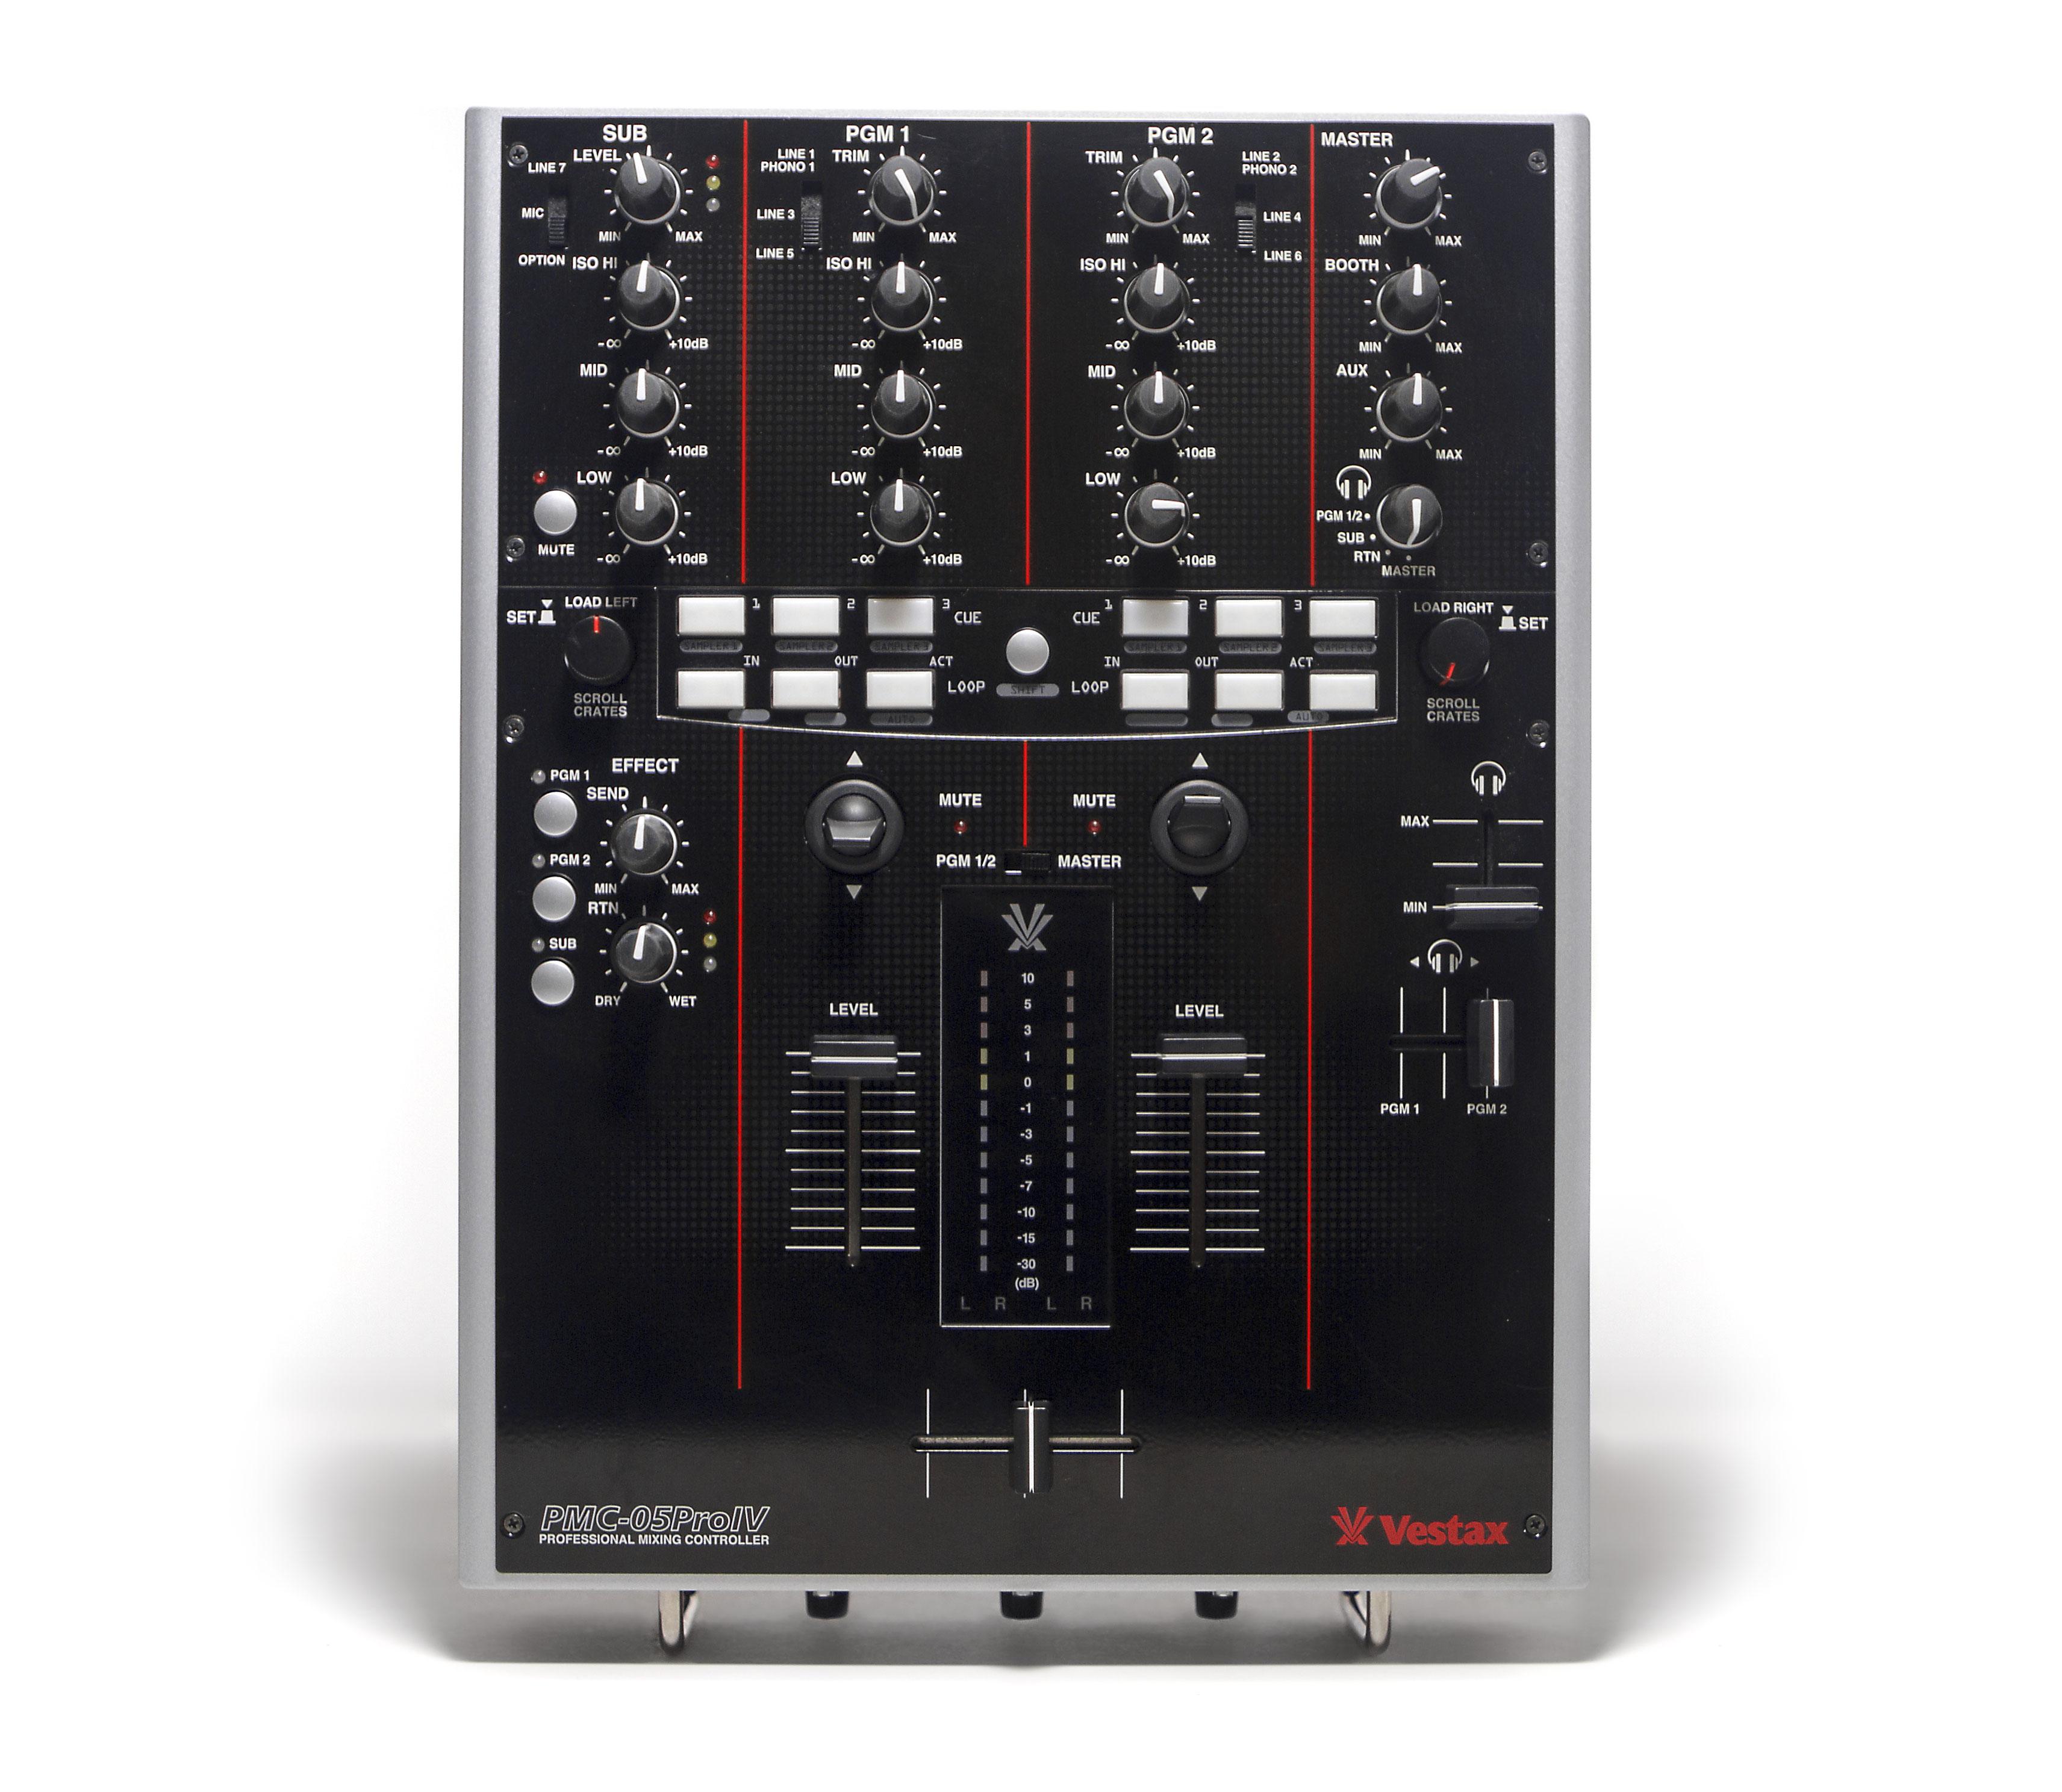 Vestax Pmc 05 Pro 4 de Vestax Pmc 05 Pro4